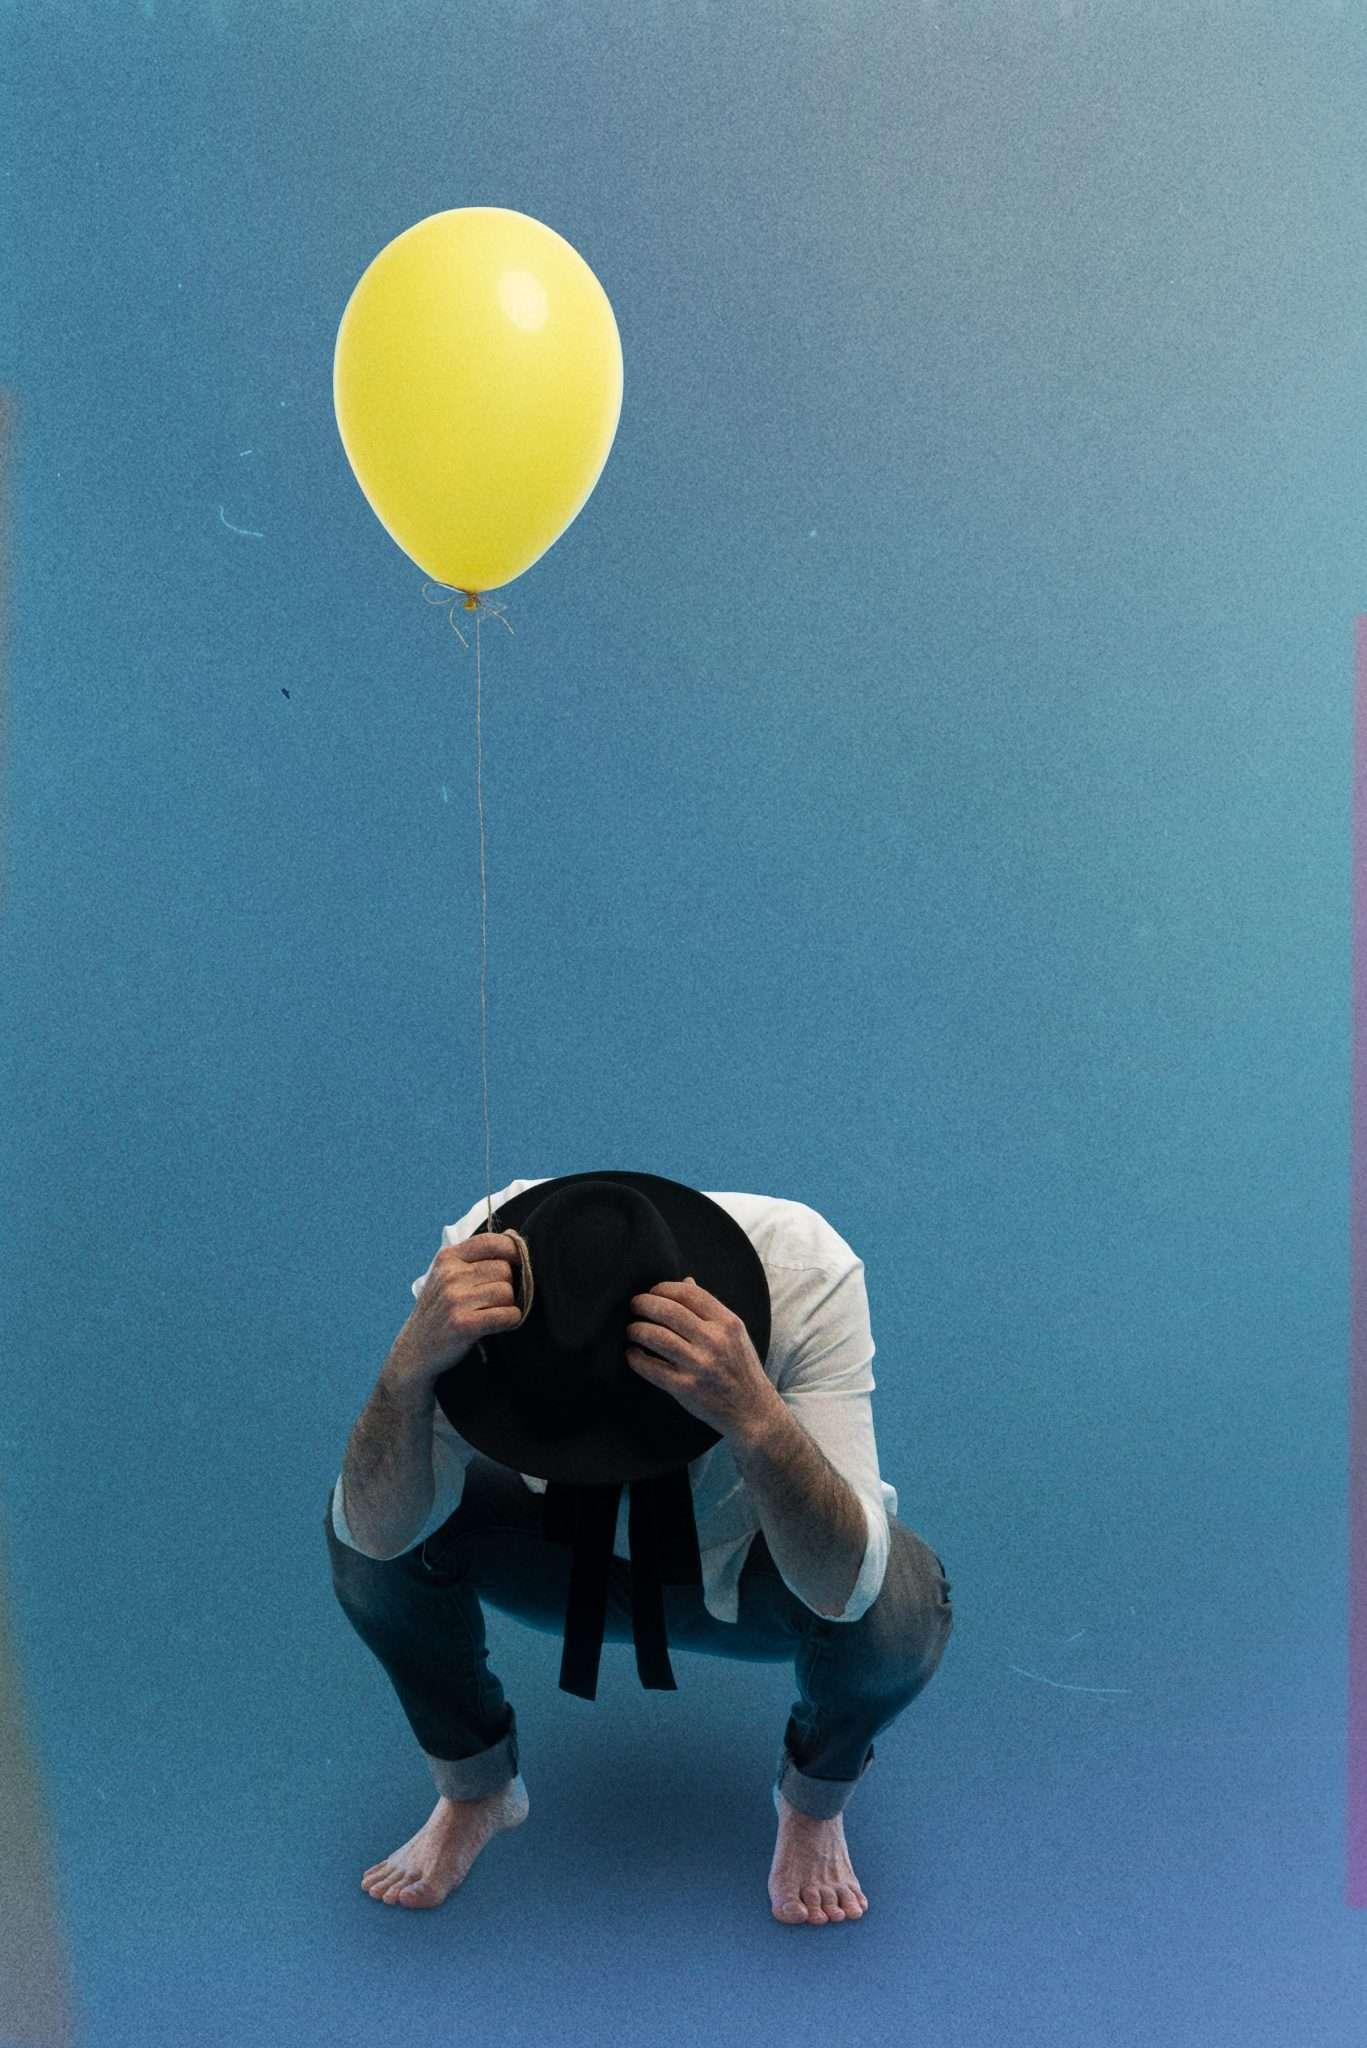 Fotografia album musicista Mario Castiglia realizzata da Barbara Trincone fotografa professionista a Napoli specializzata in fotografia musicale, ritratti per artisti, band, attori, cantanti, musicisti